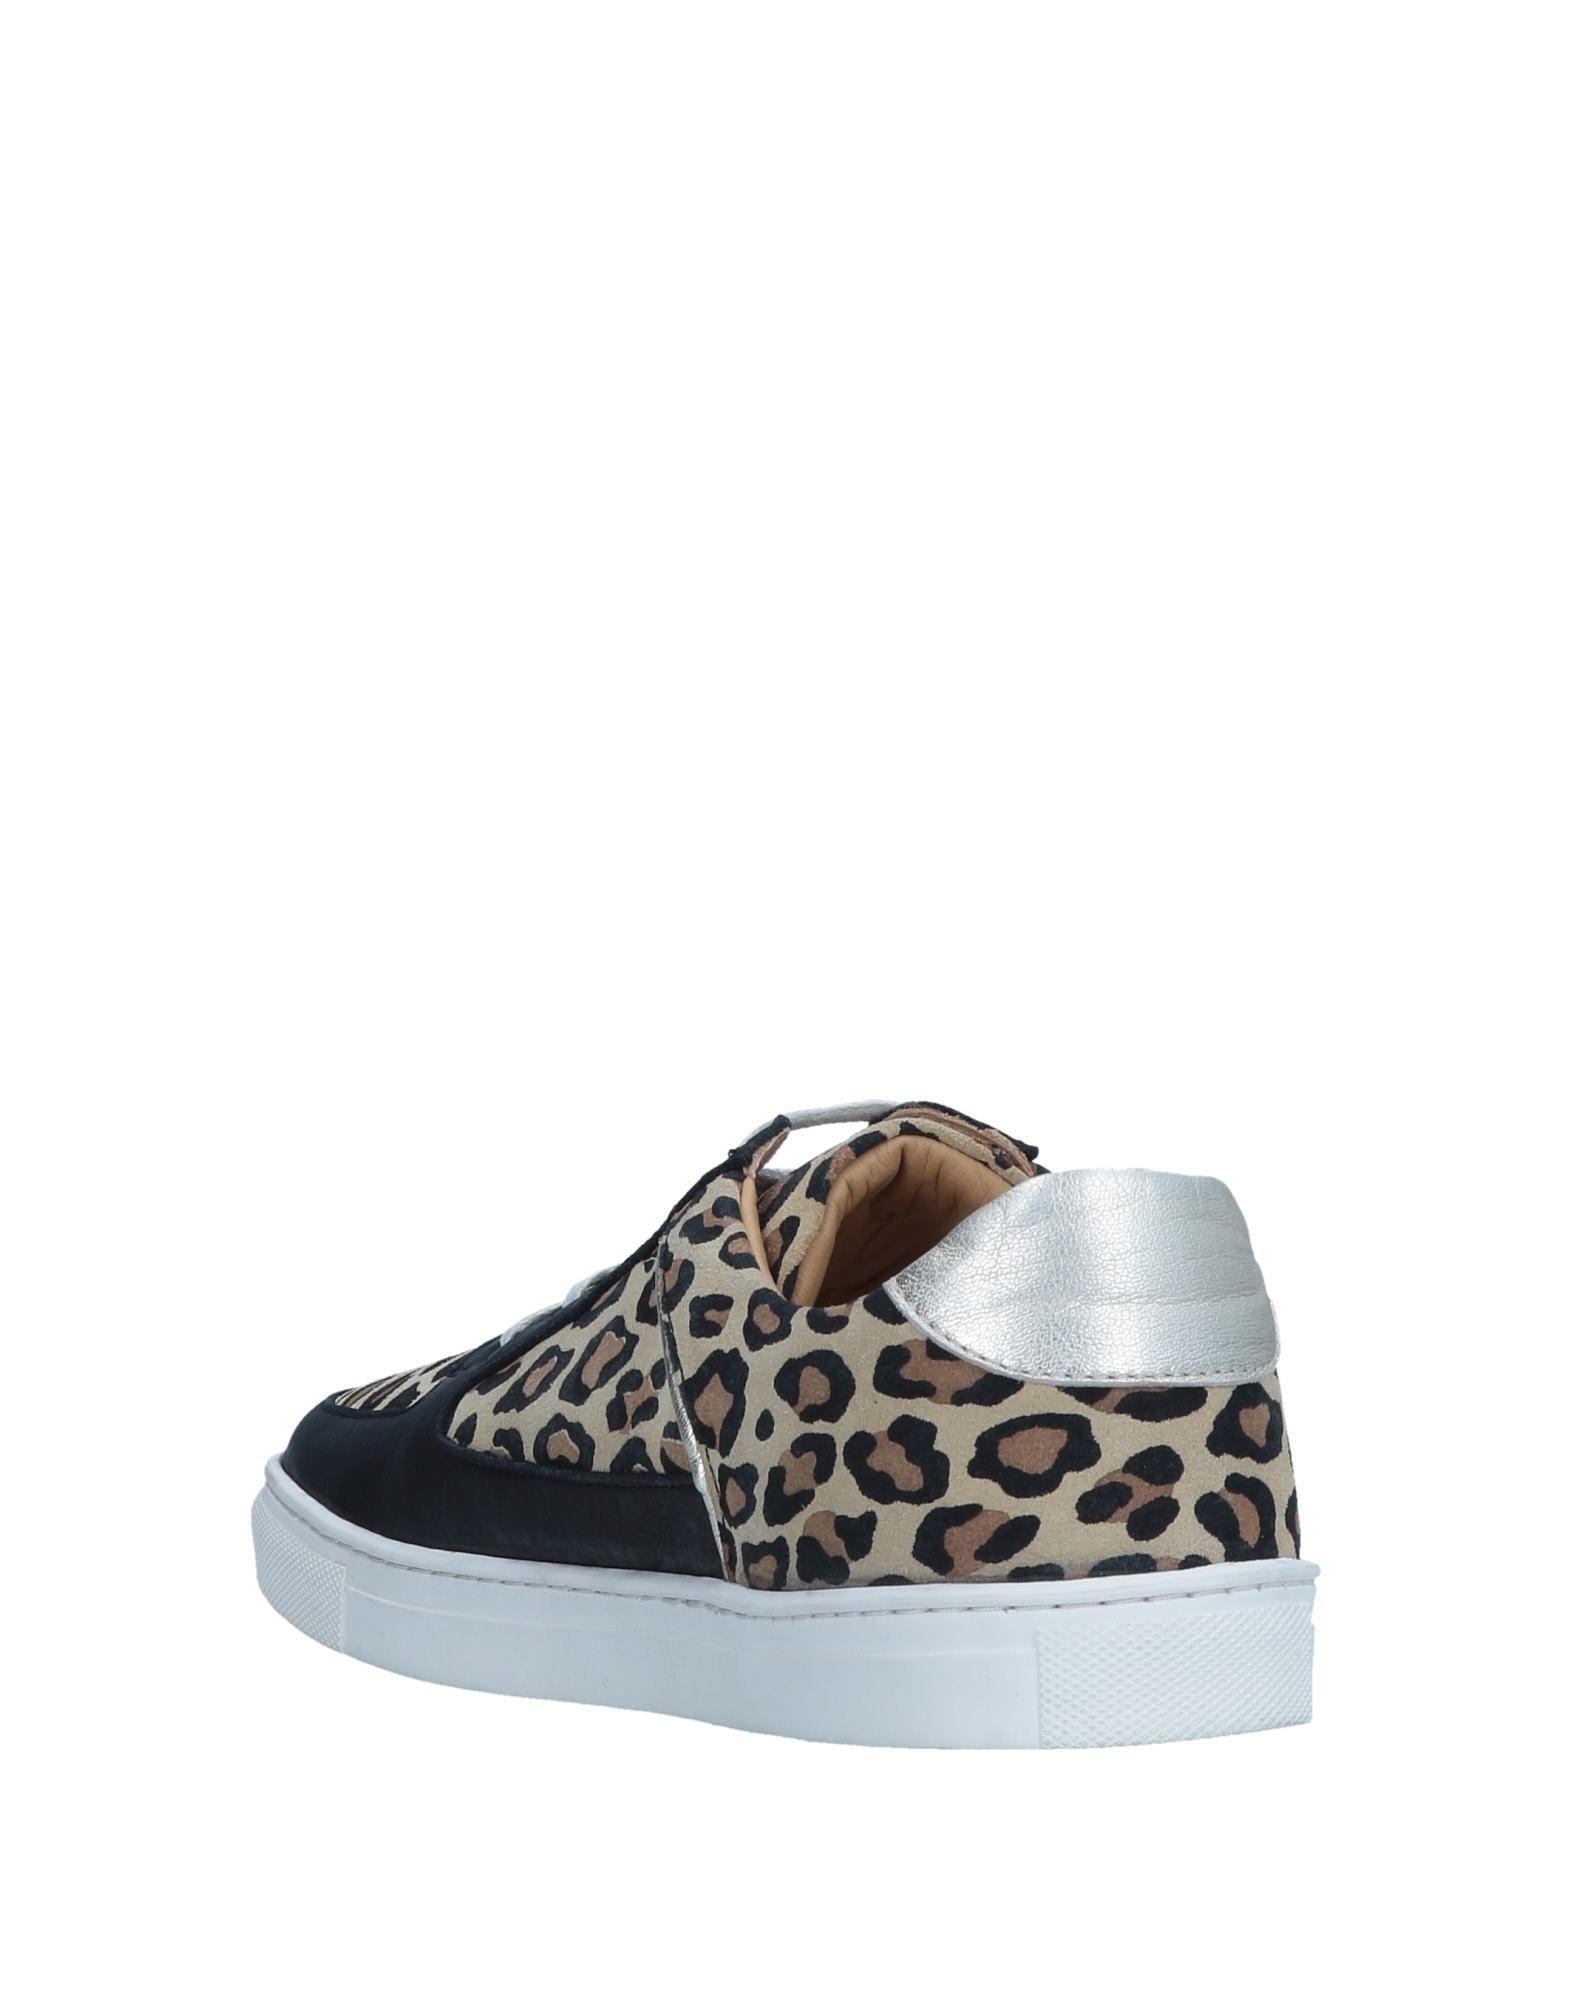 Rose Rankin Gute Sneakers Damen  11558034LS Gute Rankin Qualität beliebte Schuhe 161ae5